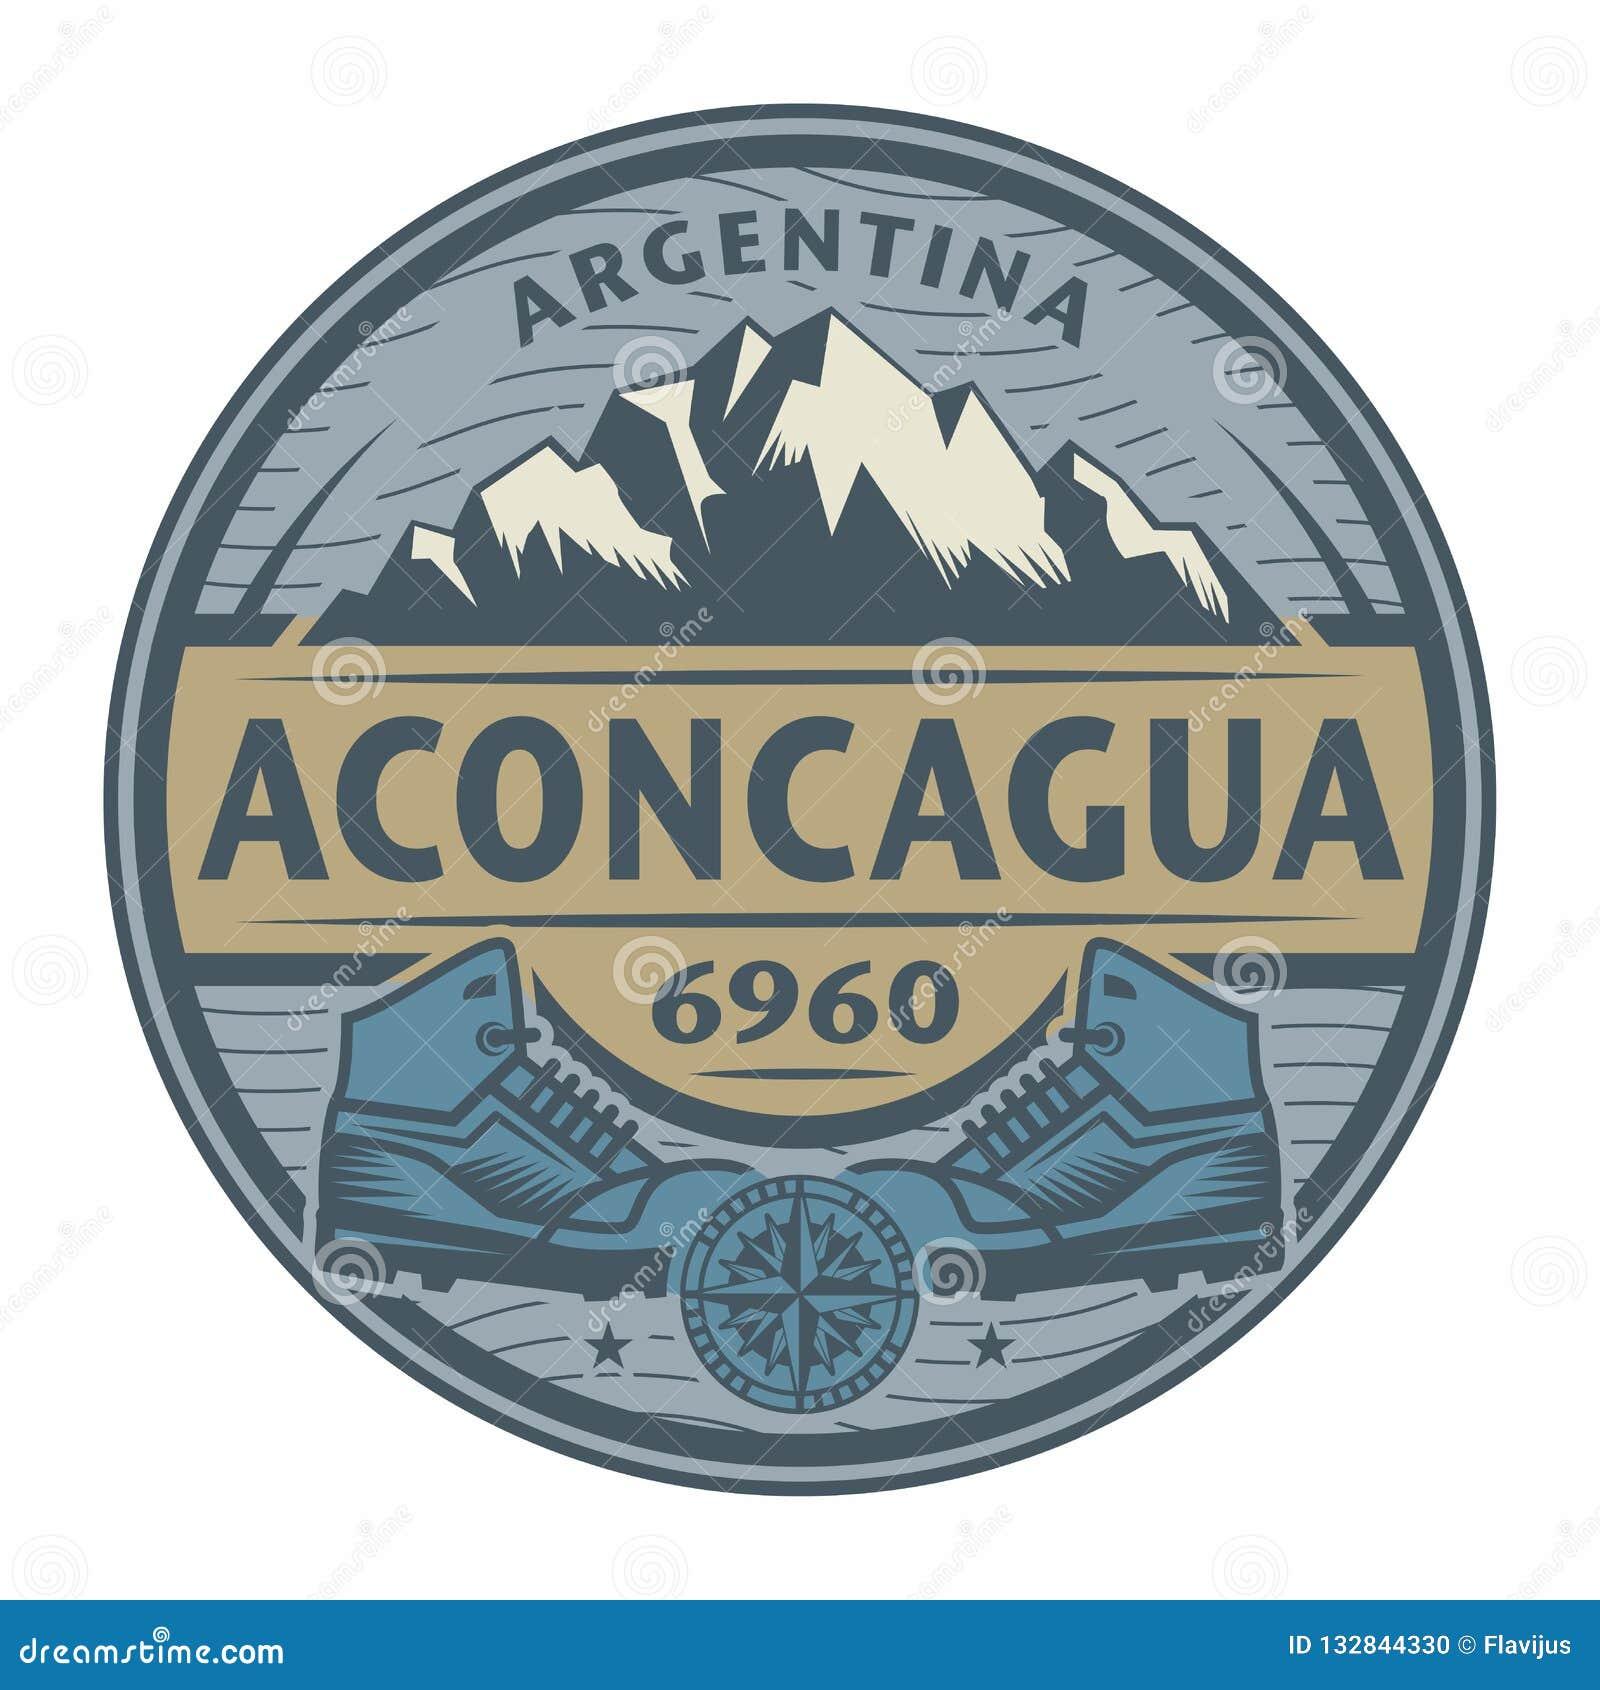 邮票或象征与文本阿空加瓜,阿根廷